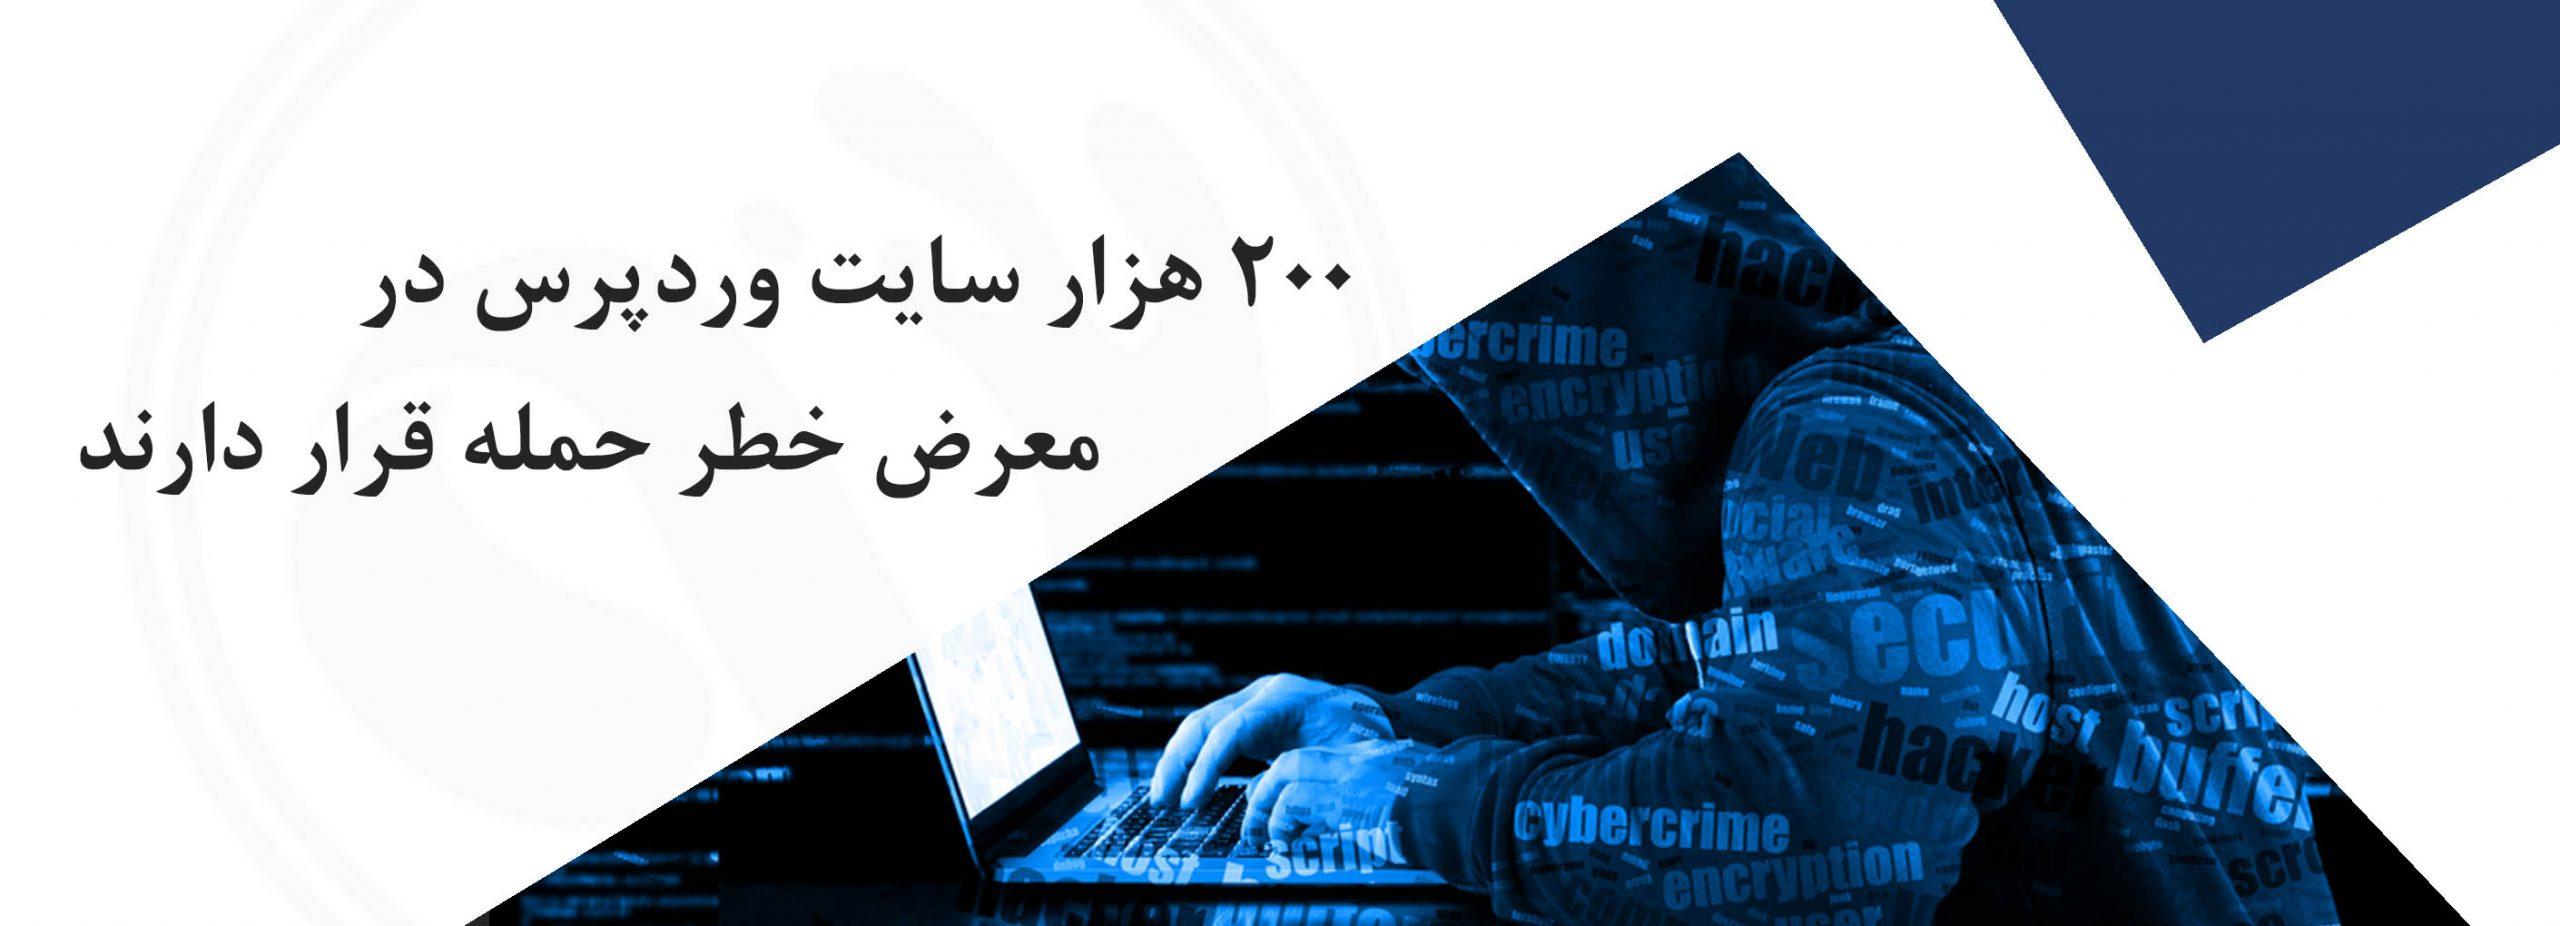 200 هزار وبسایت وردپرس در معرض خطر حمله